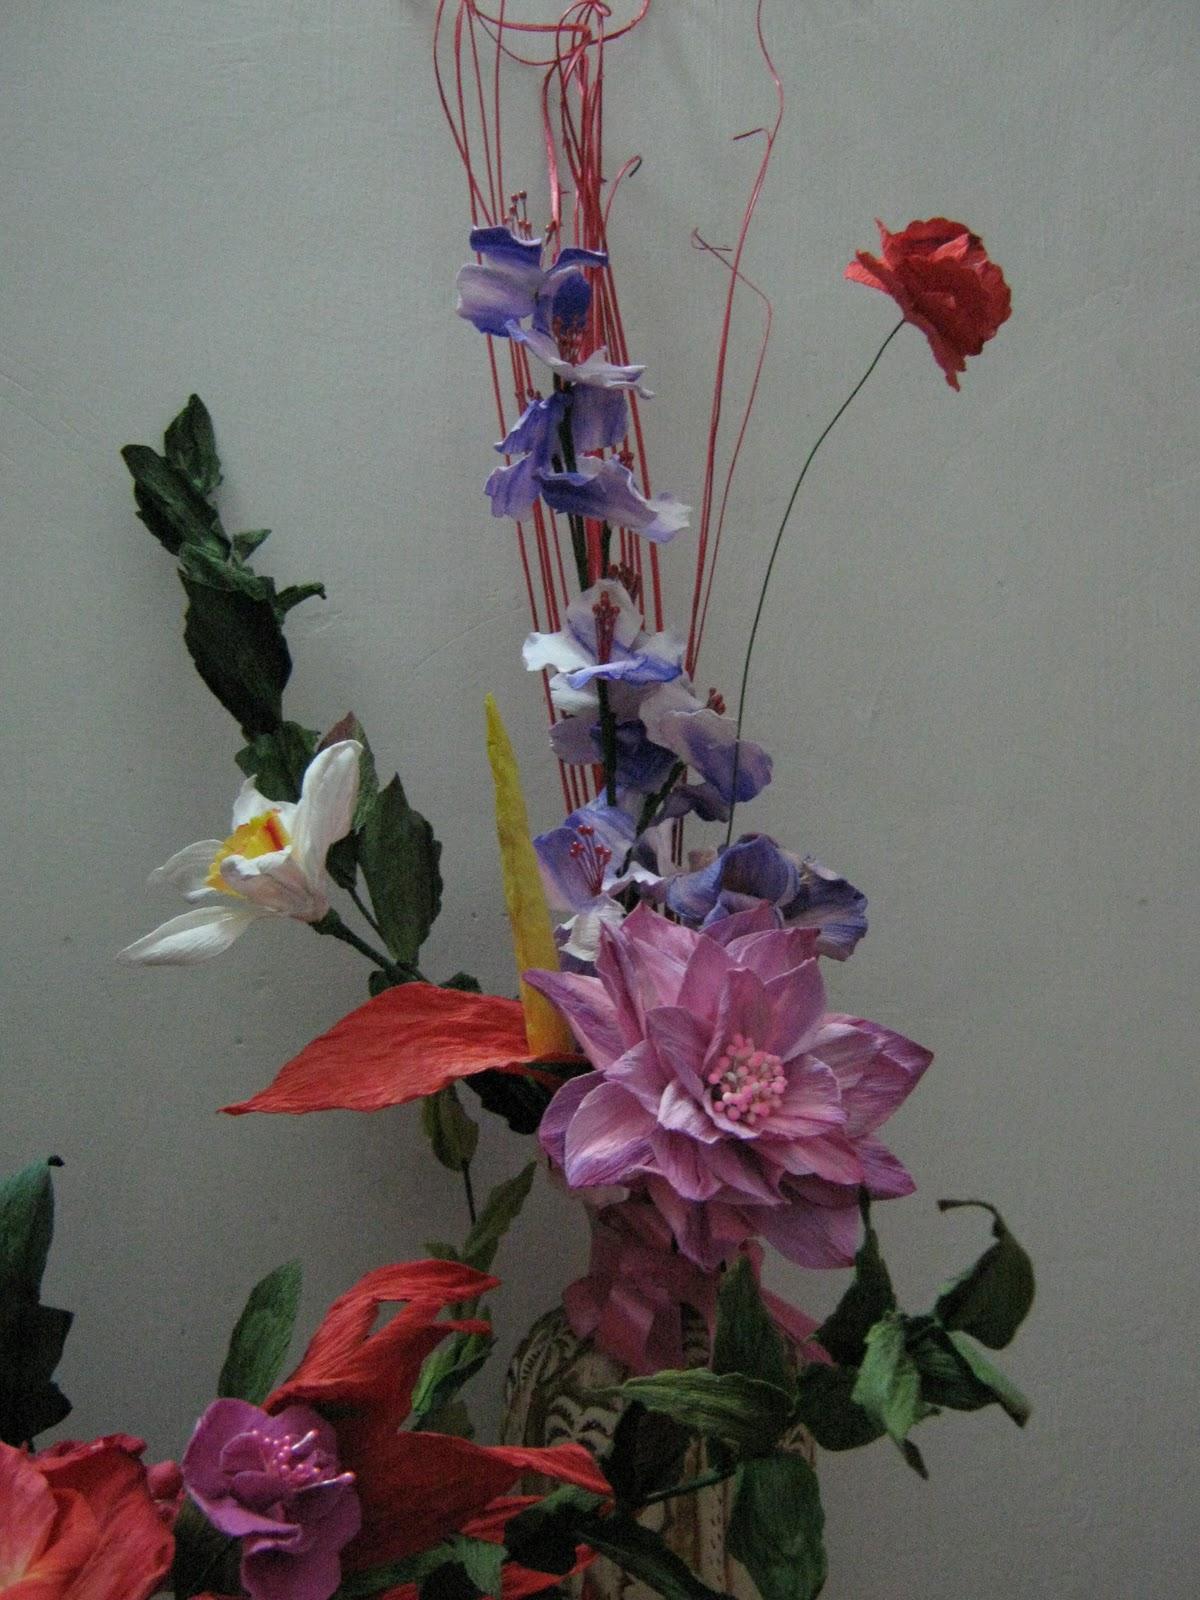 Duplex paper flower making videos flowers healthy vandana s creation duplex paper origata flower bouquet mightylinksfo